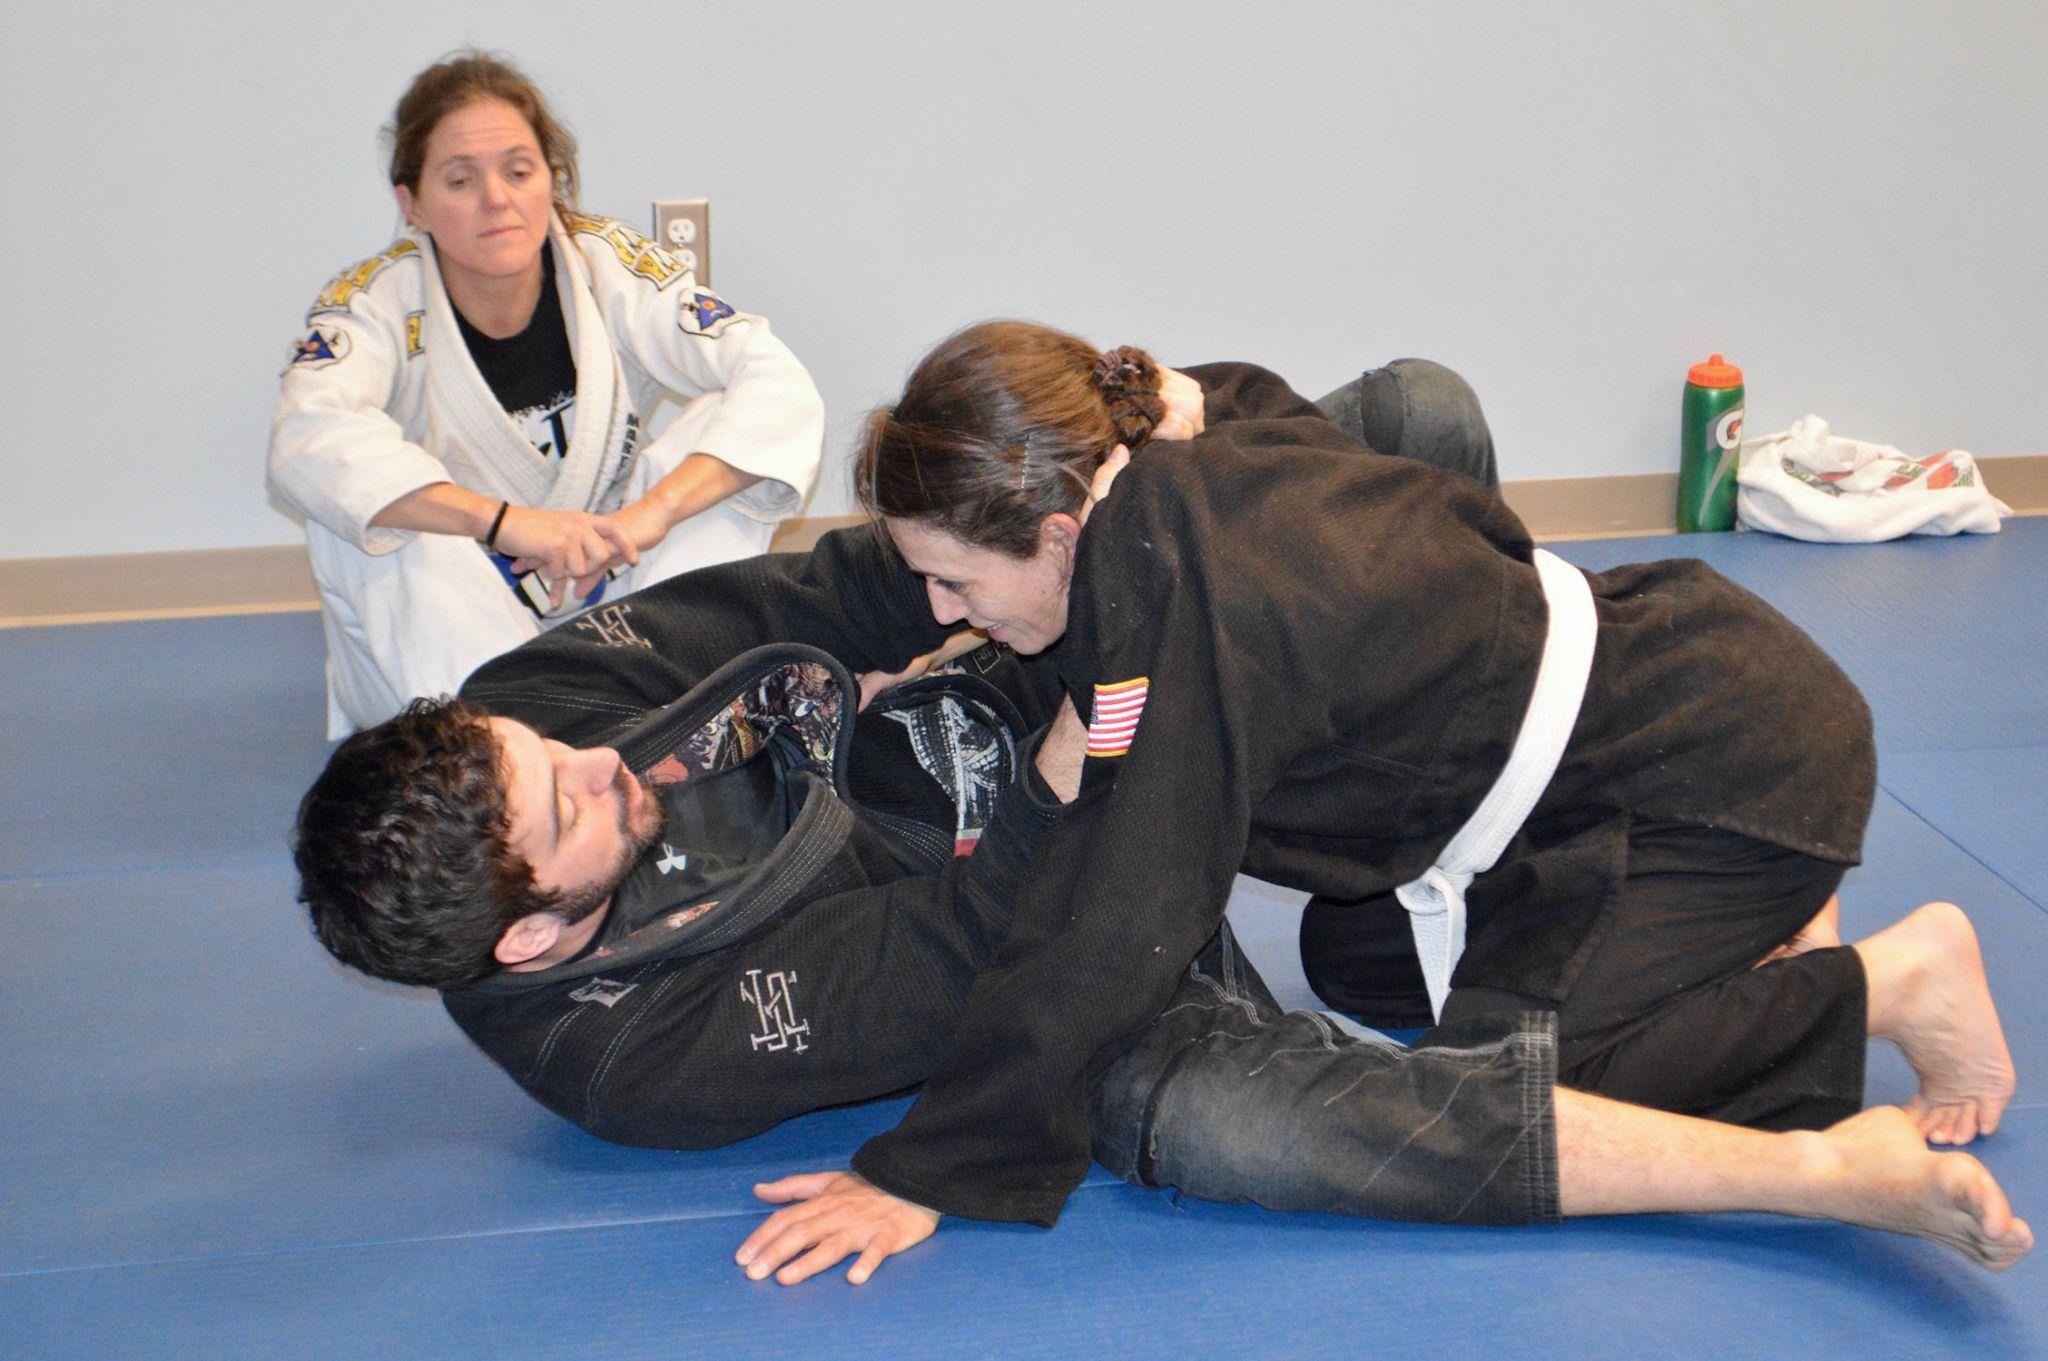 Linda learning a Jiu Jitsu technique from her teacher.